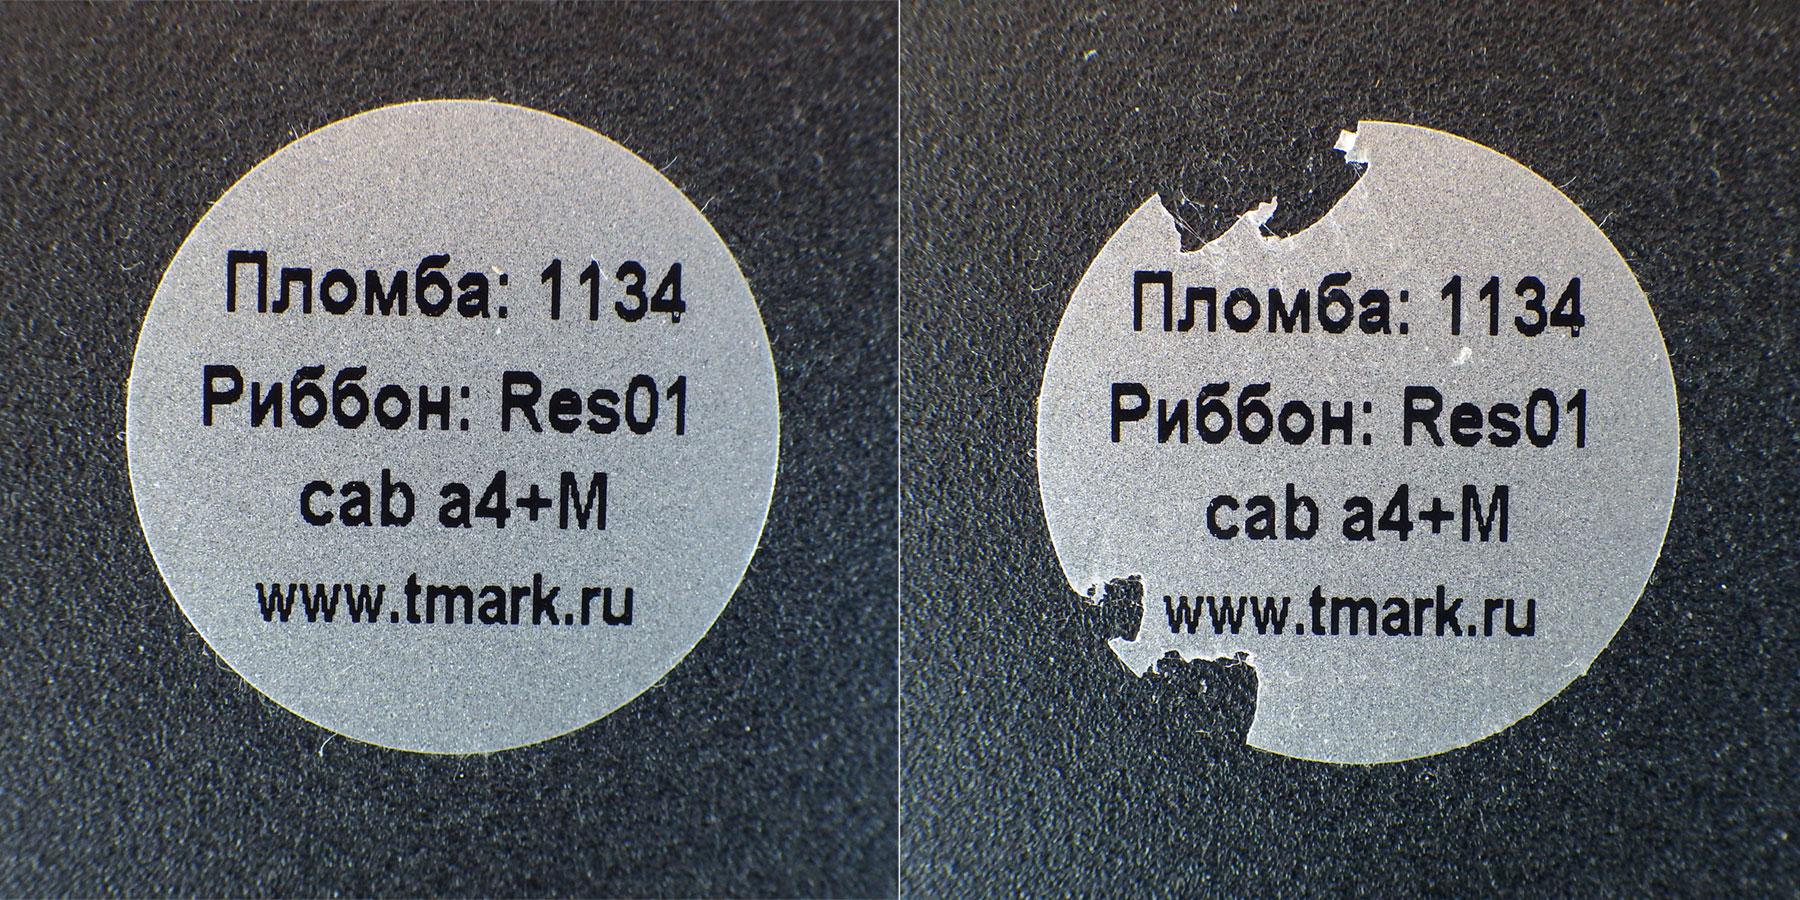 Гарантийная наклейка пломба разрушаемая из серебристого винила 1134